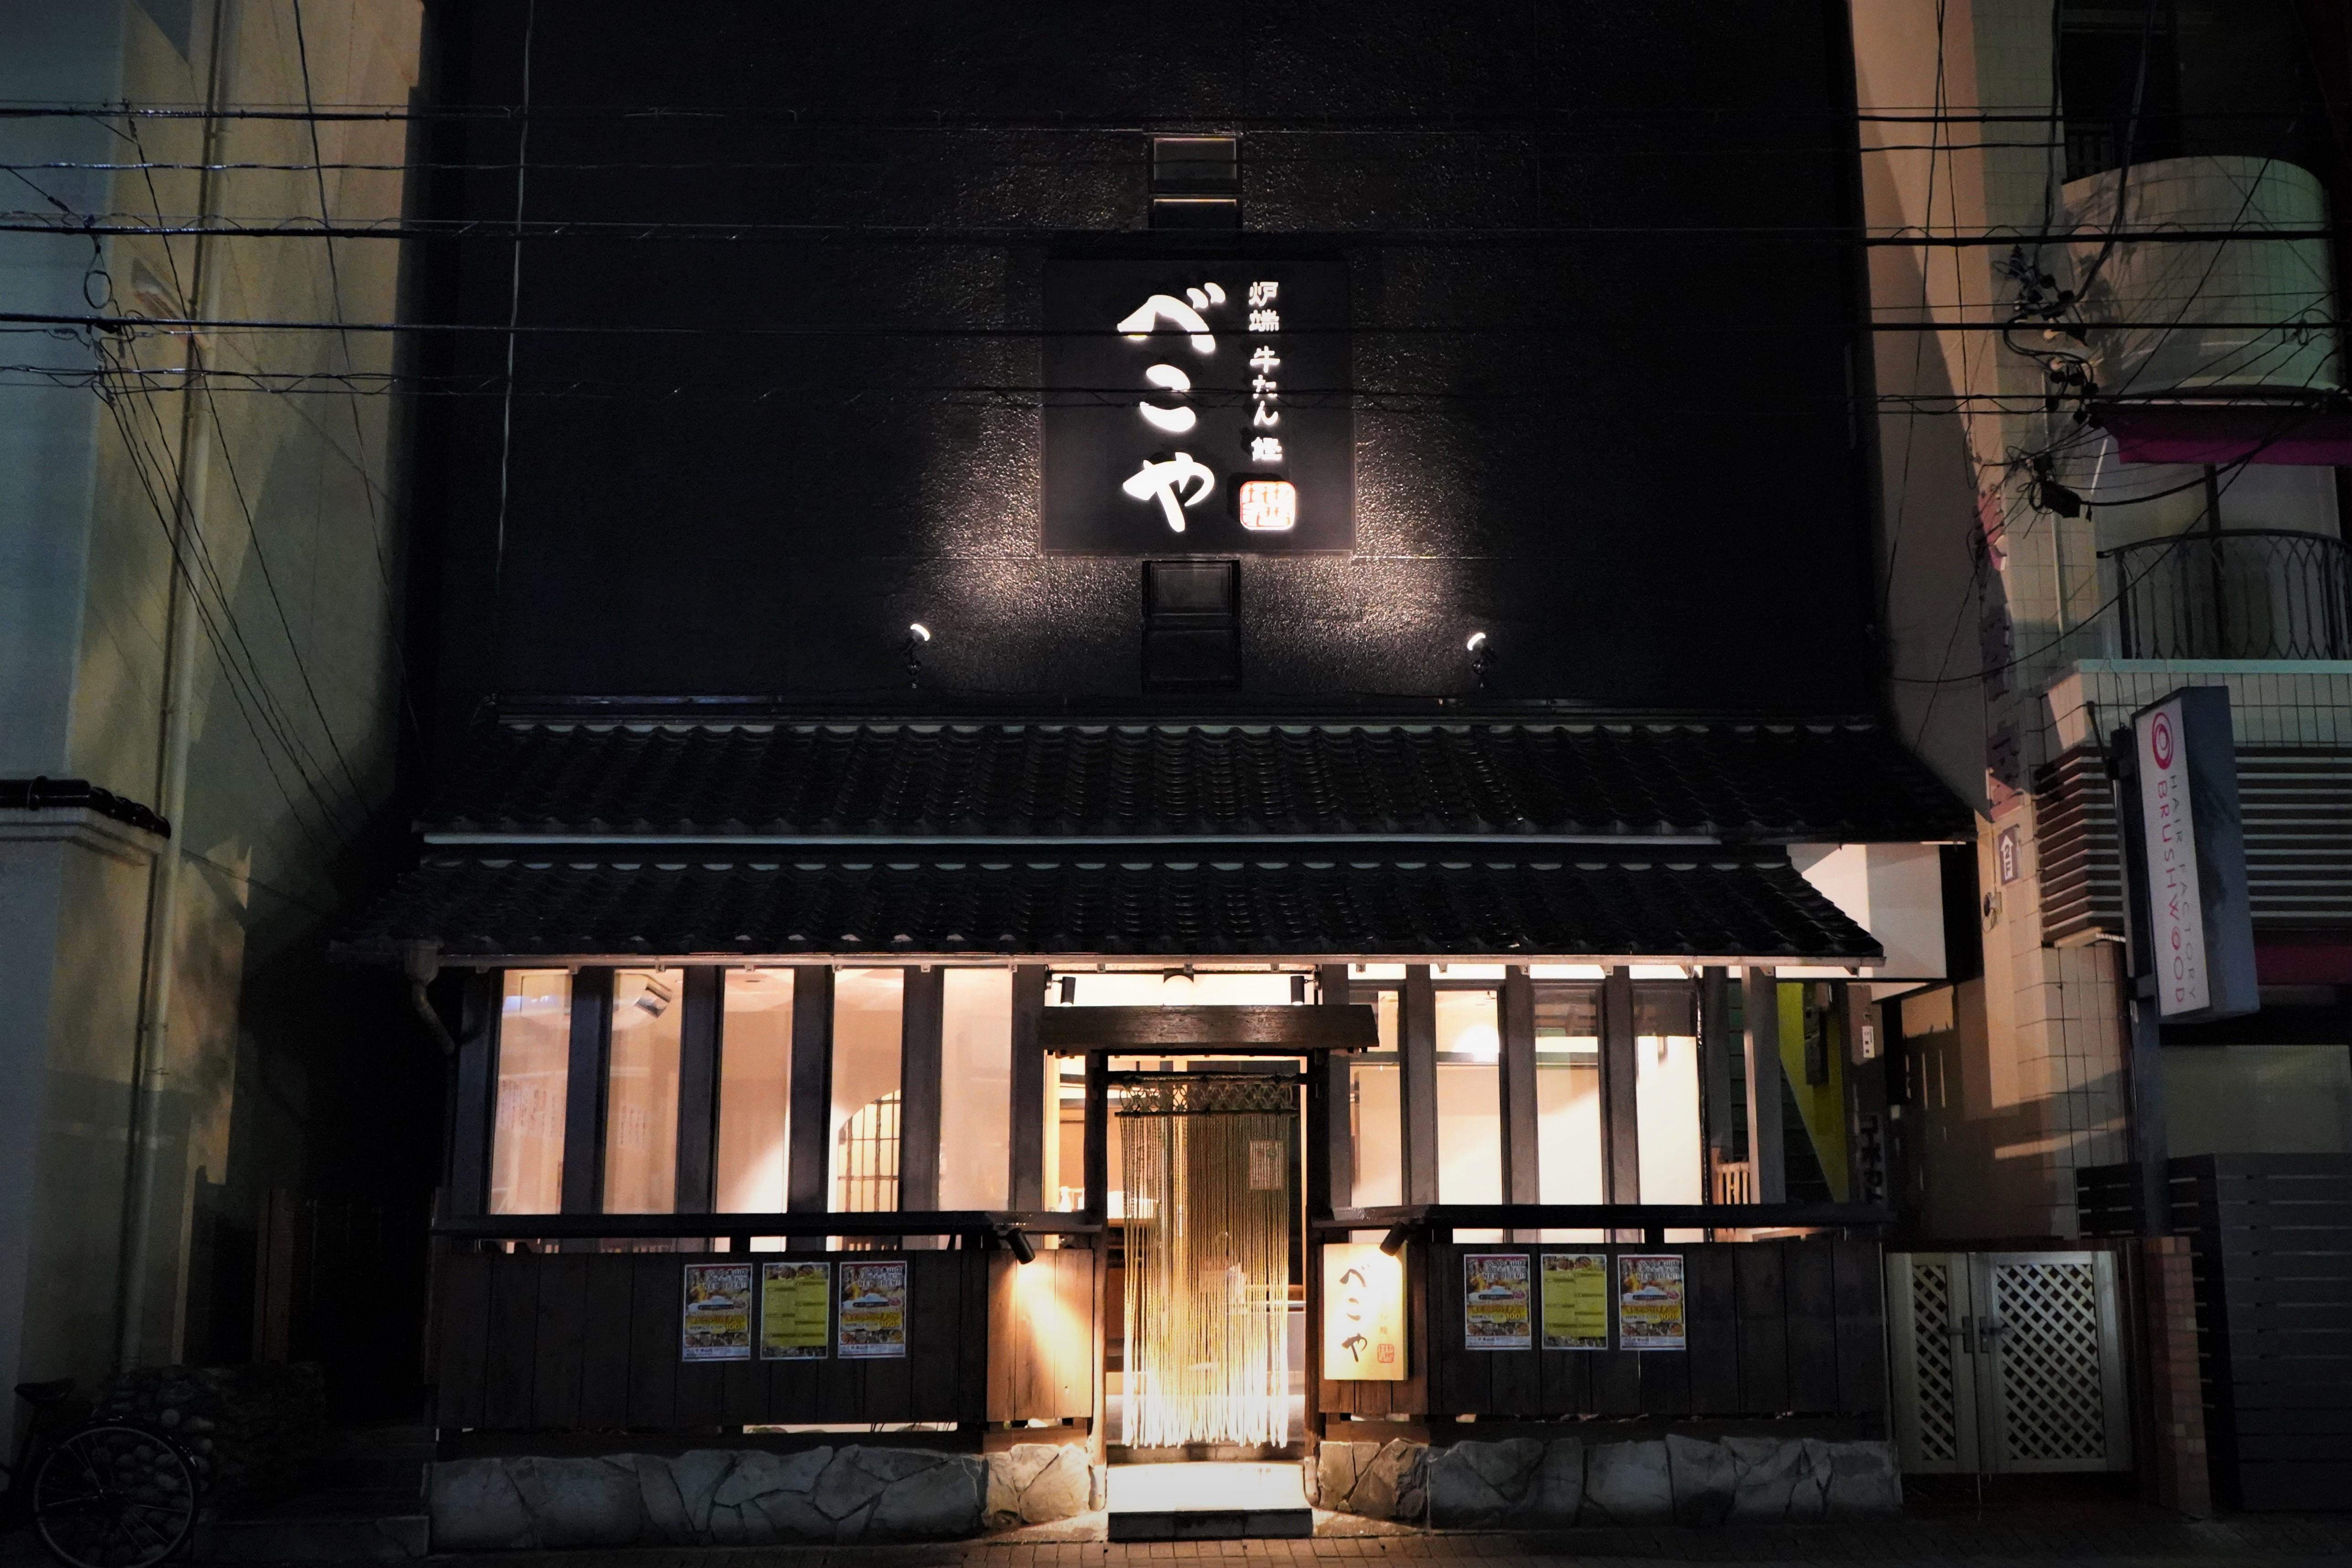 炉端料理と厳選日本酒の「べこや 本山店」が7月20日オープン! - DSC09212